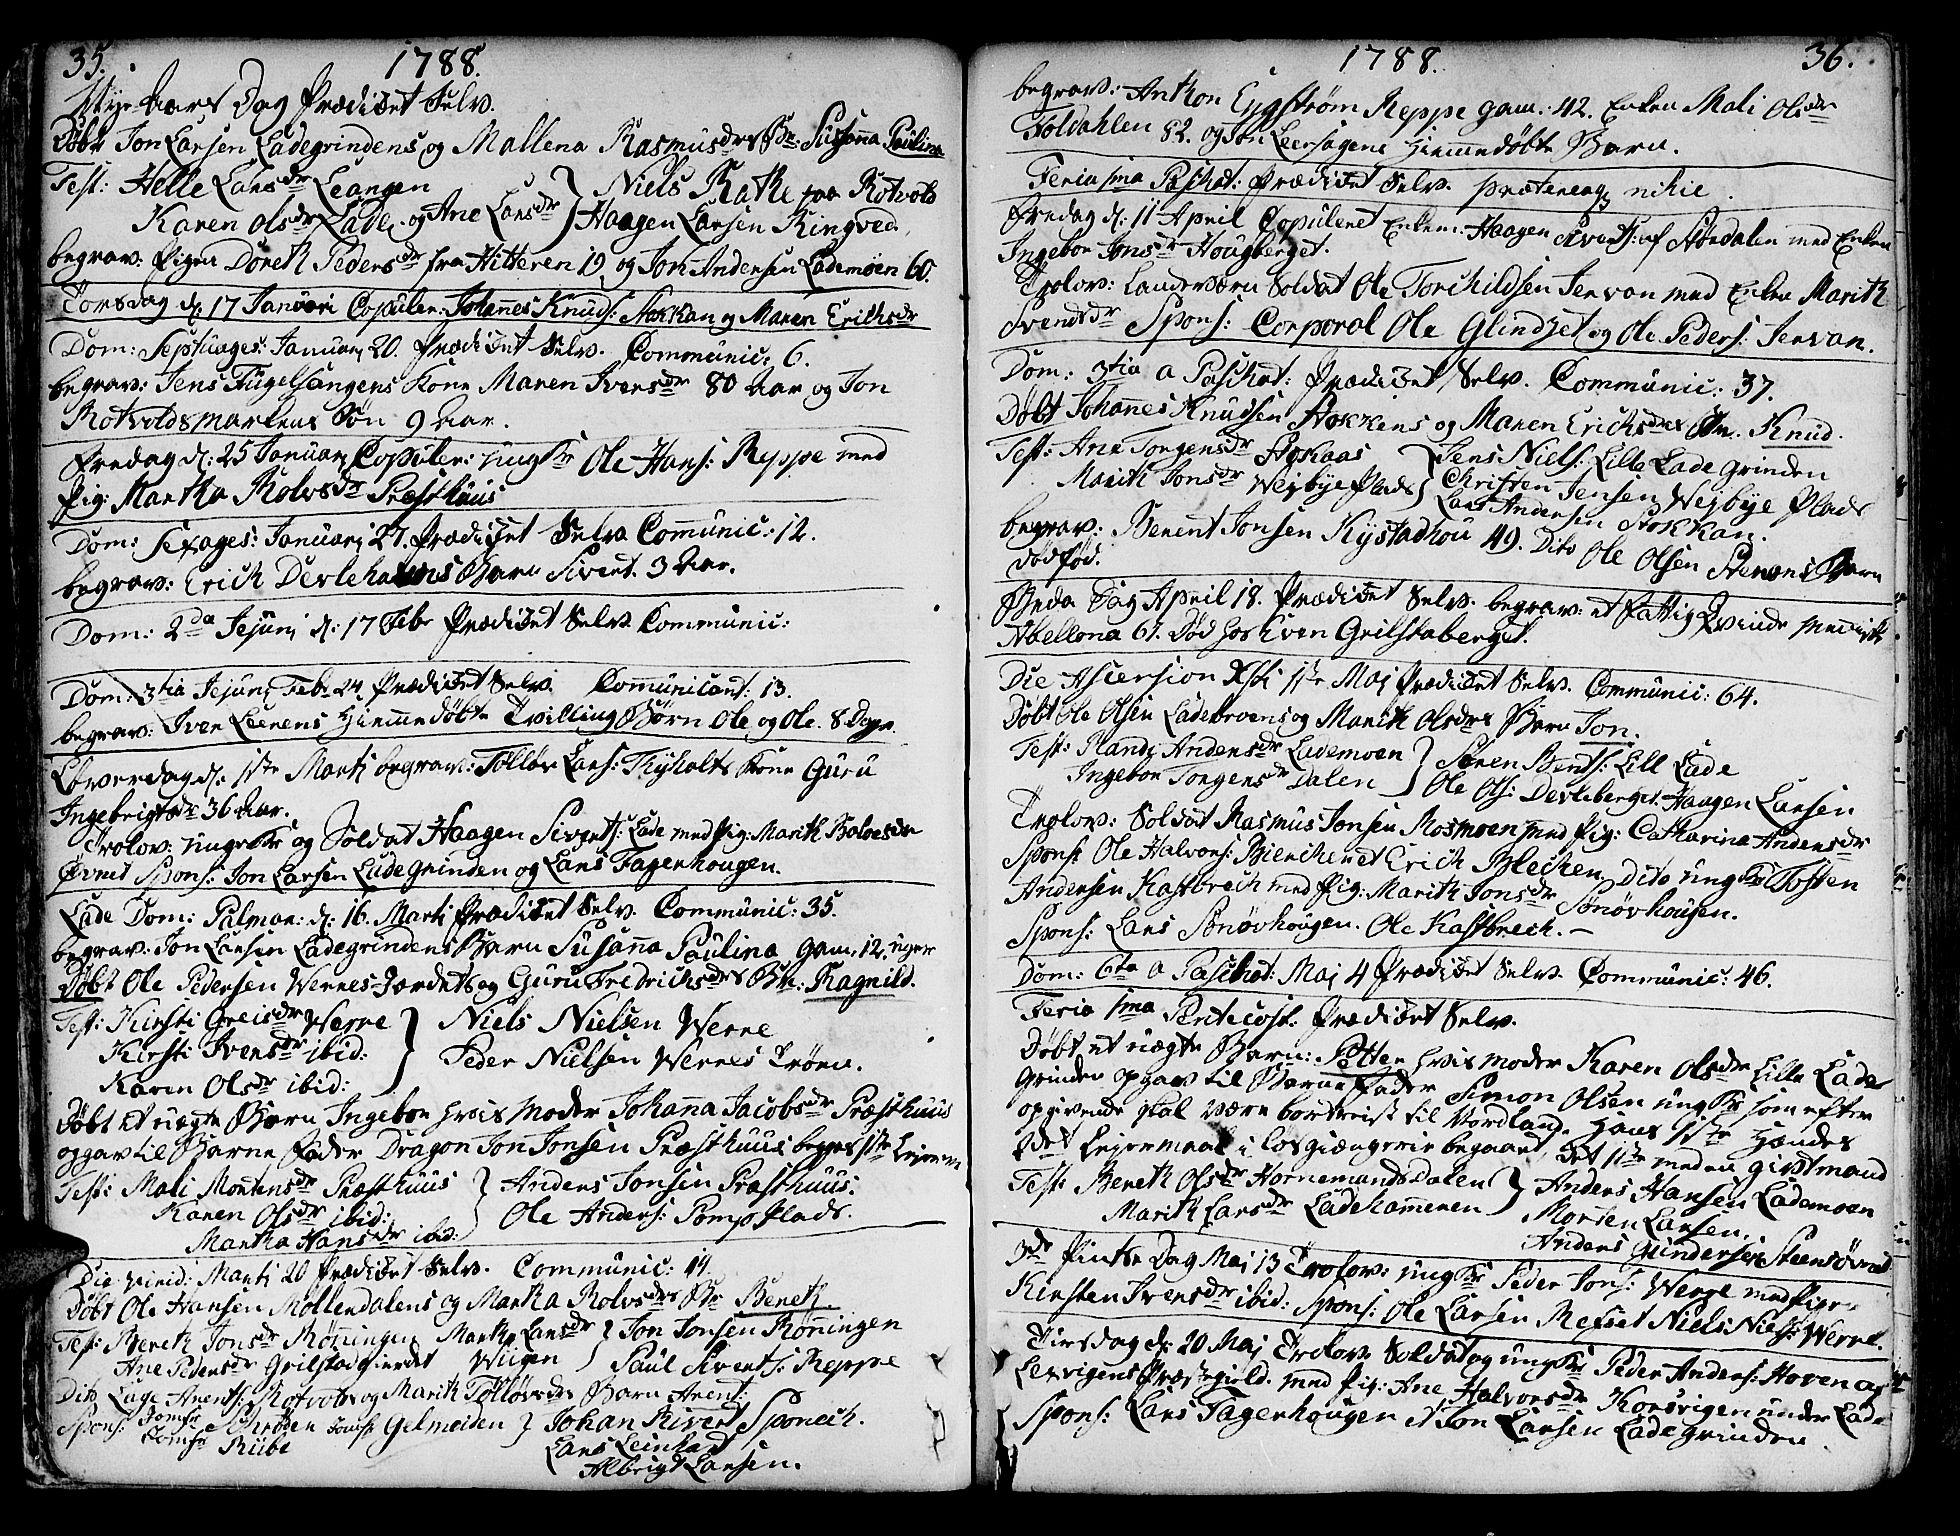 SAT, Ministerialprotokoller, klokkerbøker og fødselsregistre - Sør-Trøndelag, 606/L0280: Ministerialbok nr. 606A02 /1, 1781-1817, s. 35-36